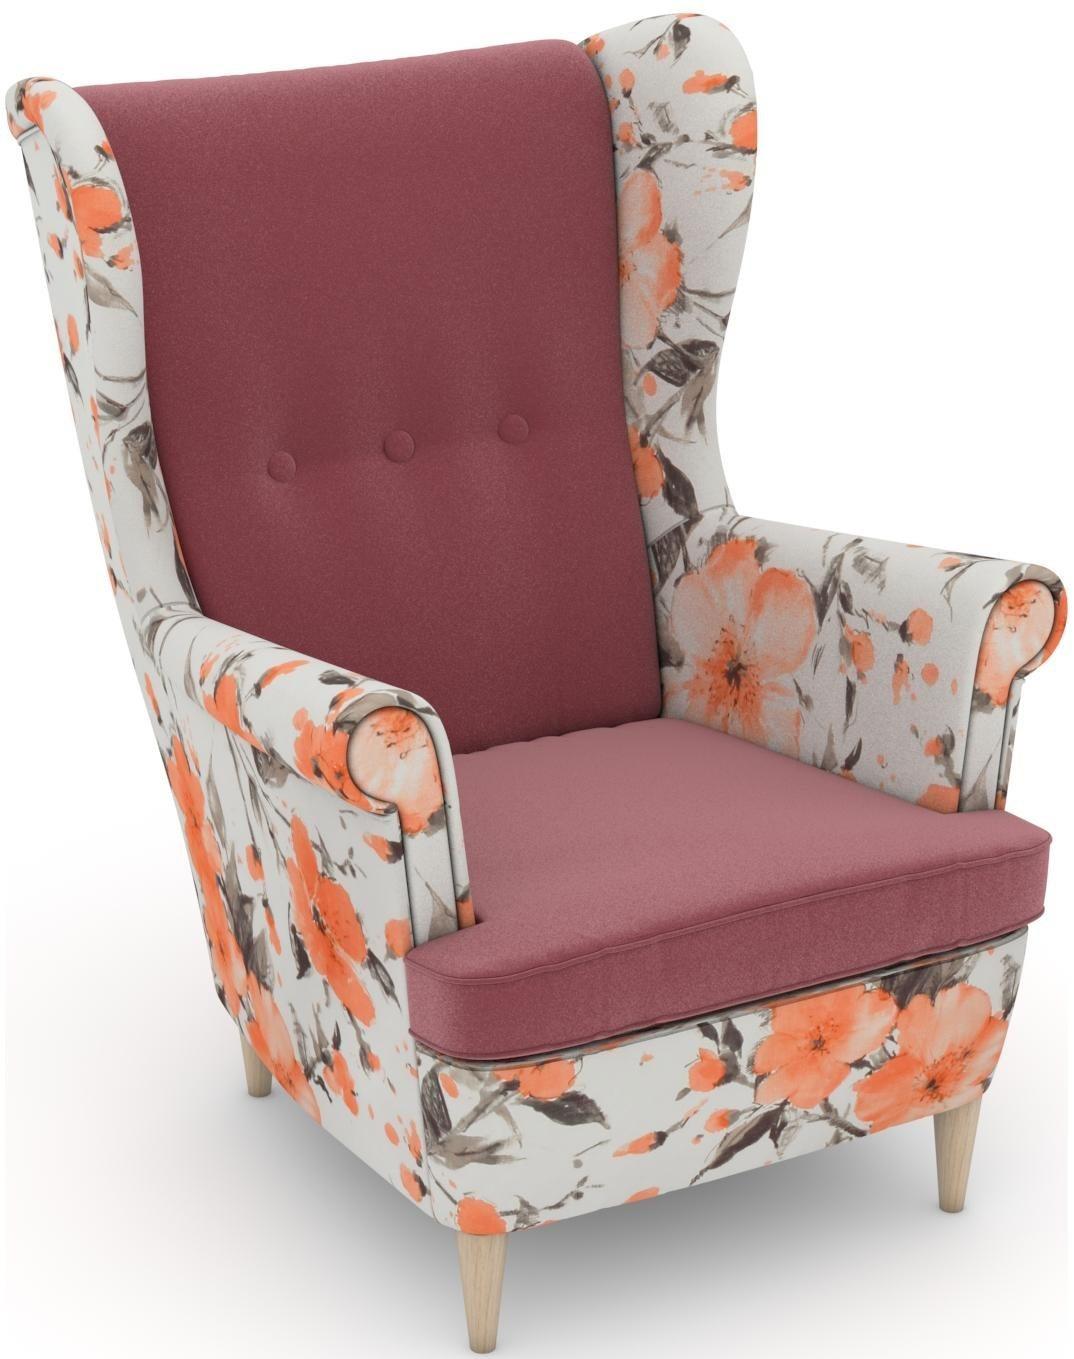 Max Winzer® build-a-chair Ohrensessel »Casimir« im Winchester-Look, zum Selbstgestalten | Wohnzimmer > Sessel > Ohrensessel | Geblümt | Samtvelours - Nussbaum - Buche - Polyester | Max Winzer®